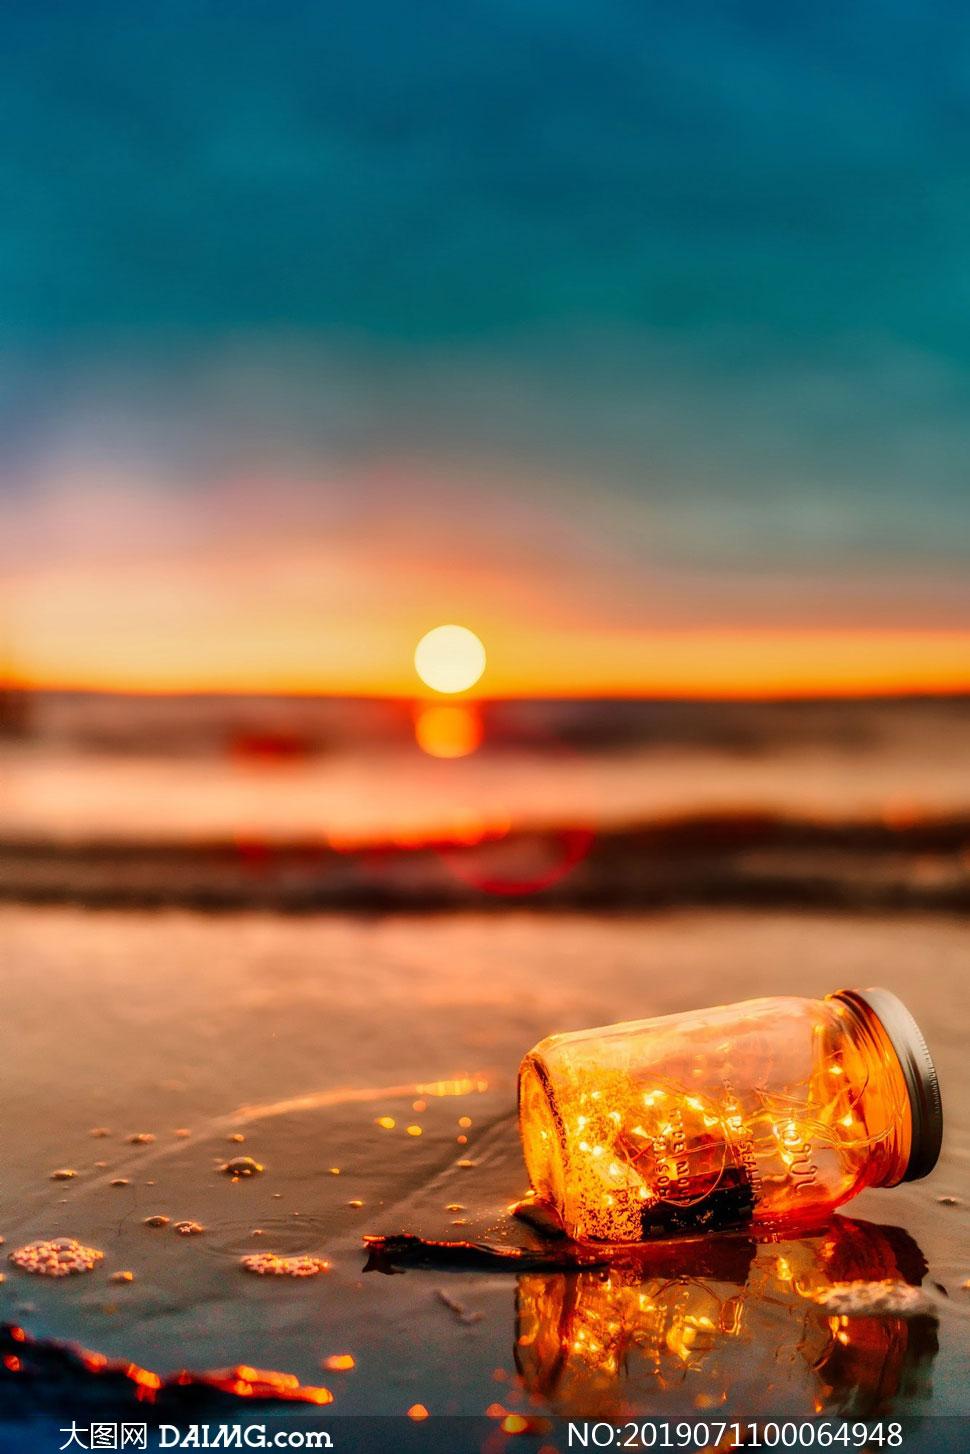 黄昏下沙滩上美丽的漂流瓶摄影图片